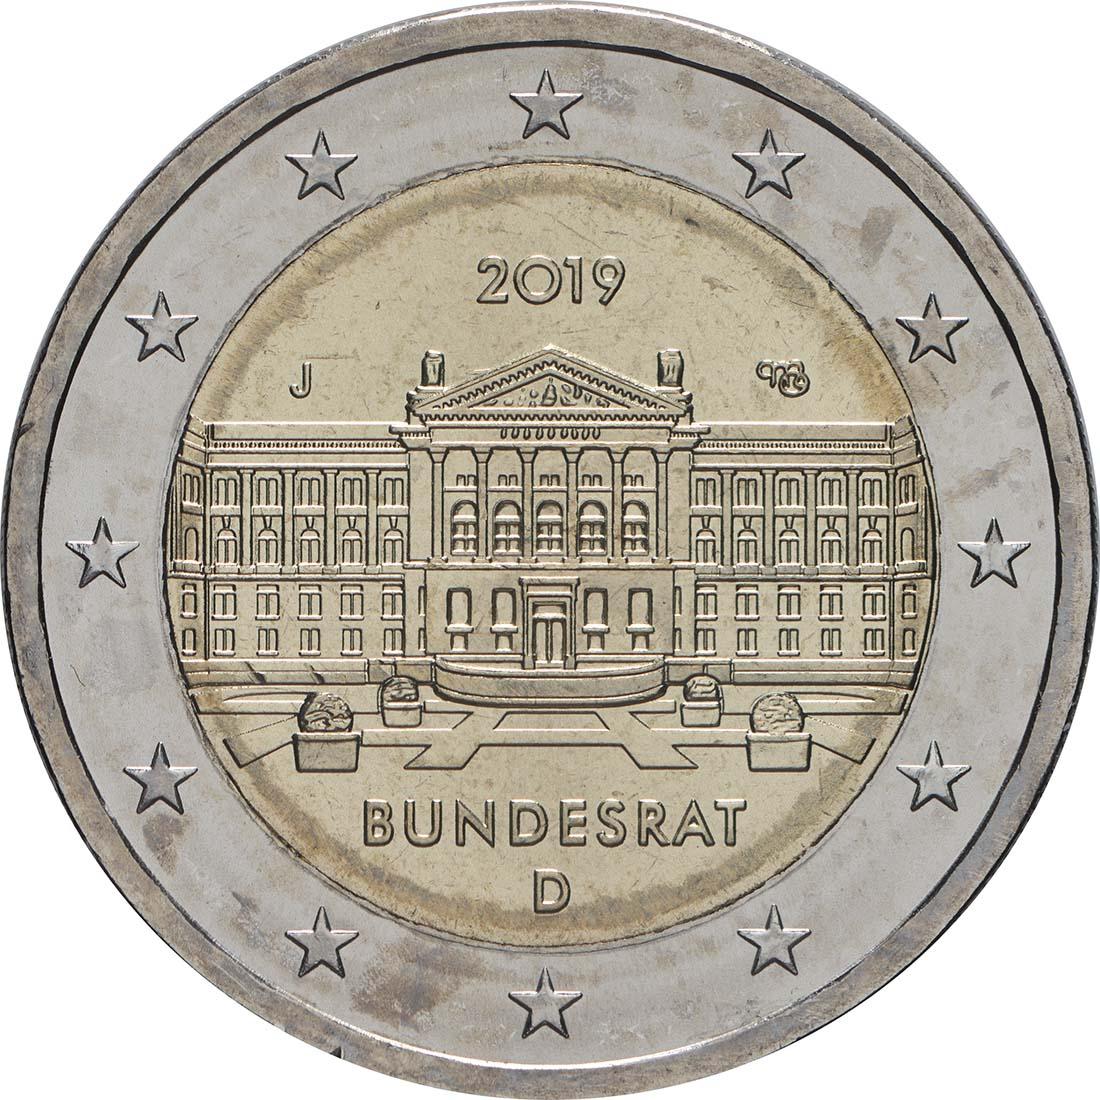 2019 335 Deutschland Bundesrat.jpg